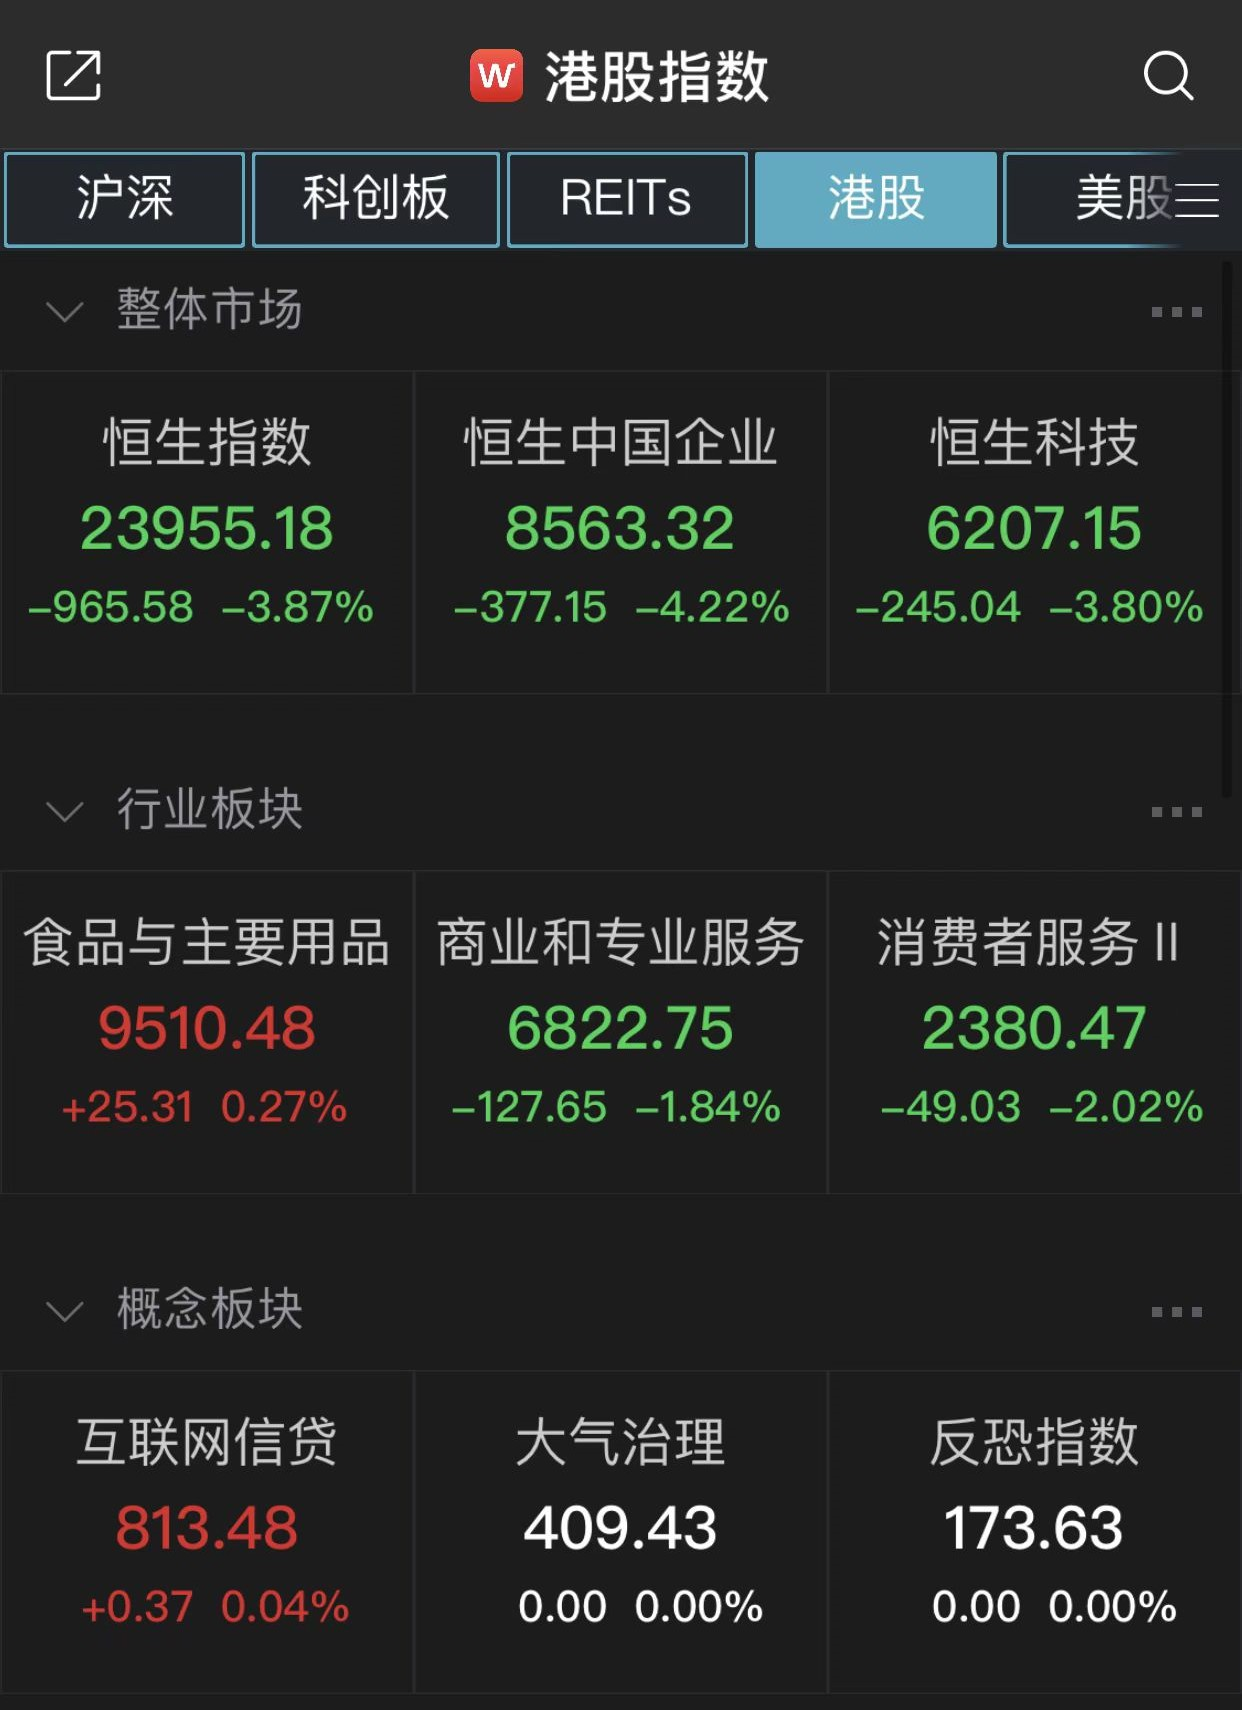 恒指低开低走跌破24000点,中国恒大跌超16%